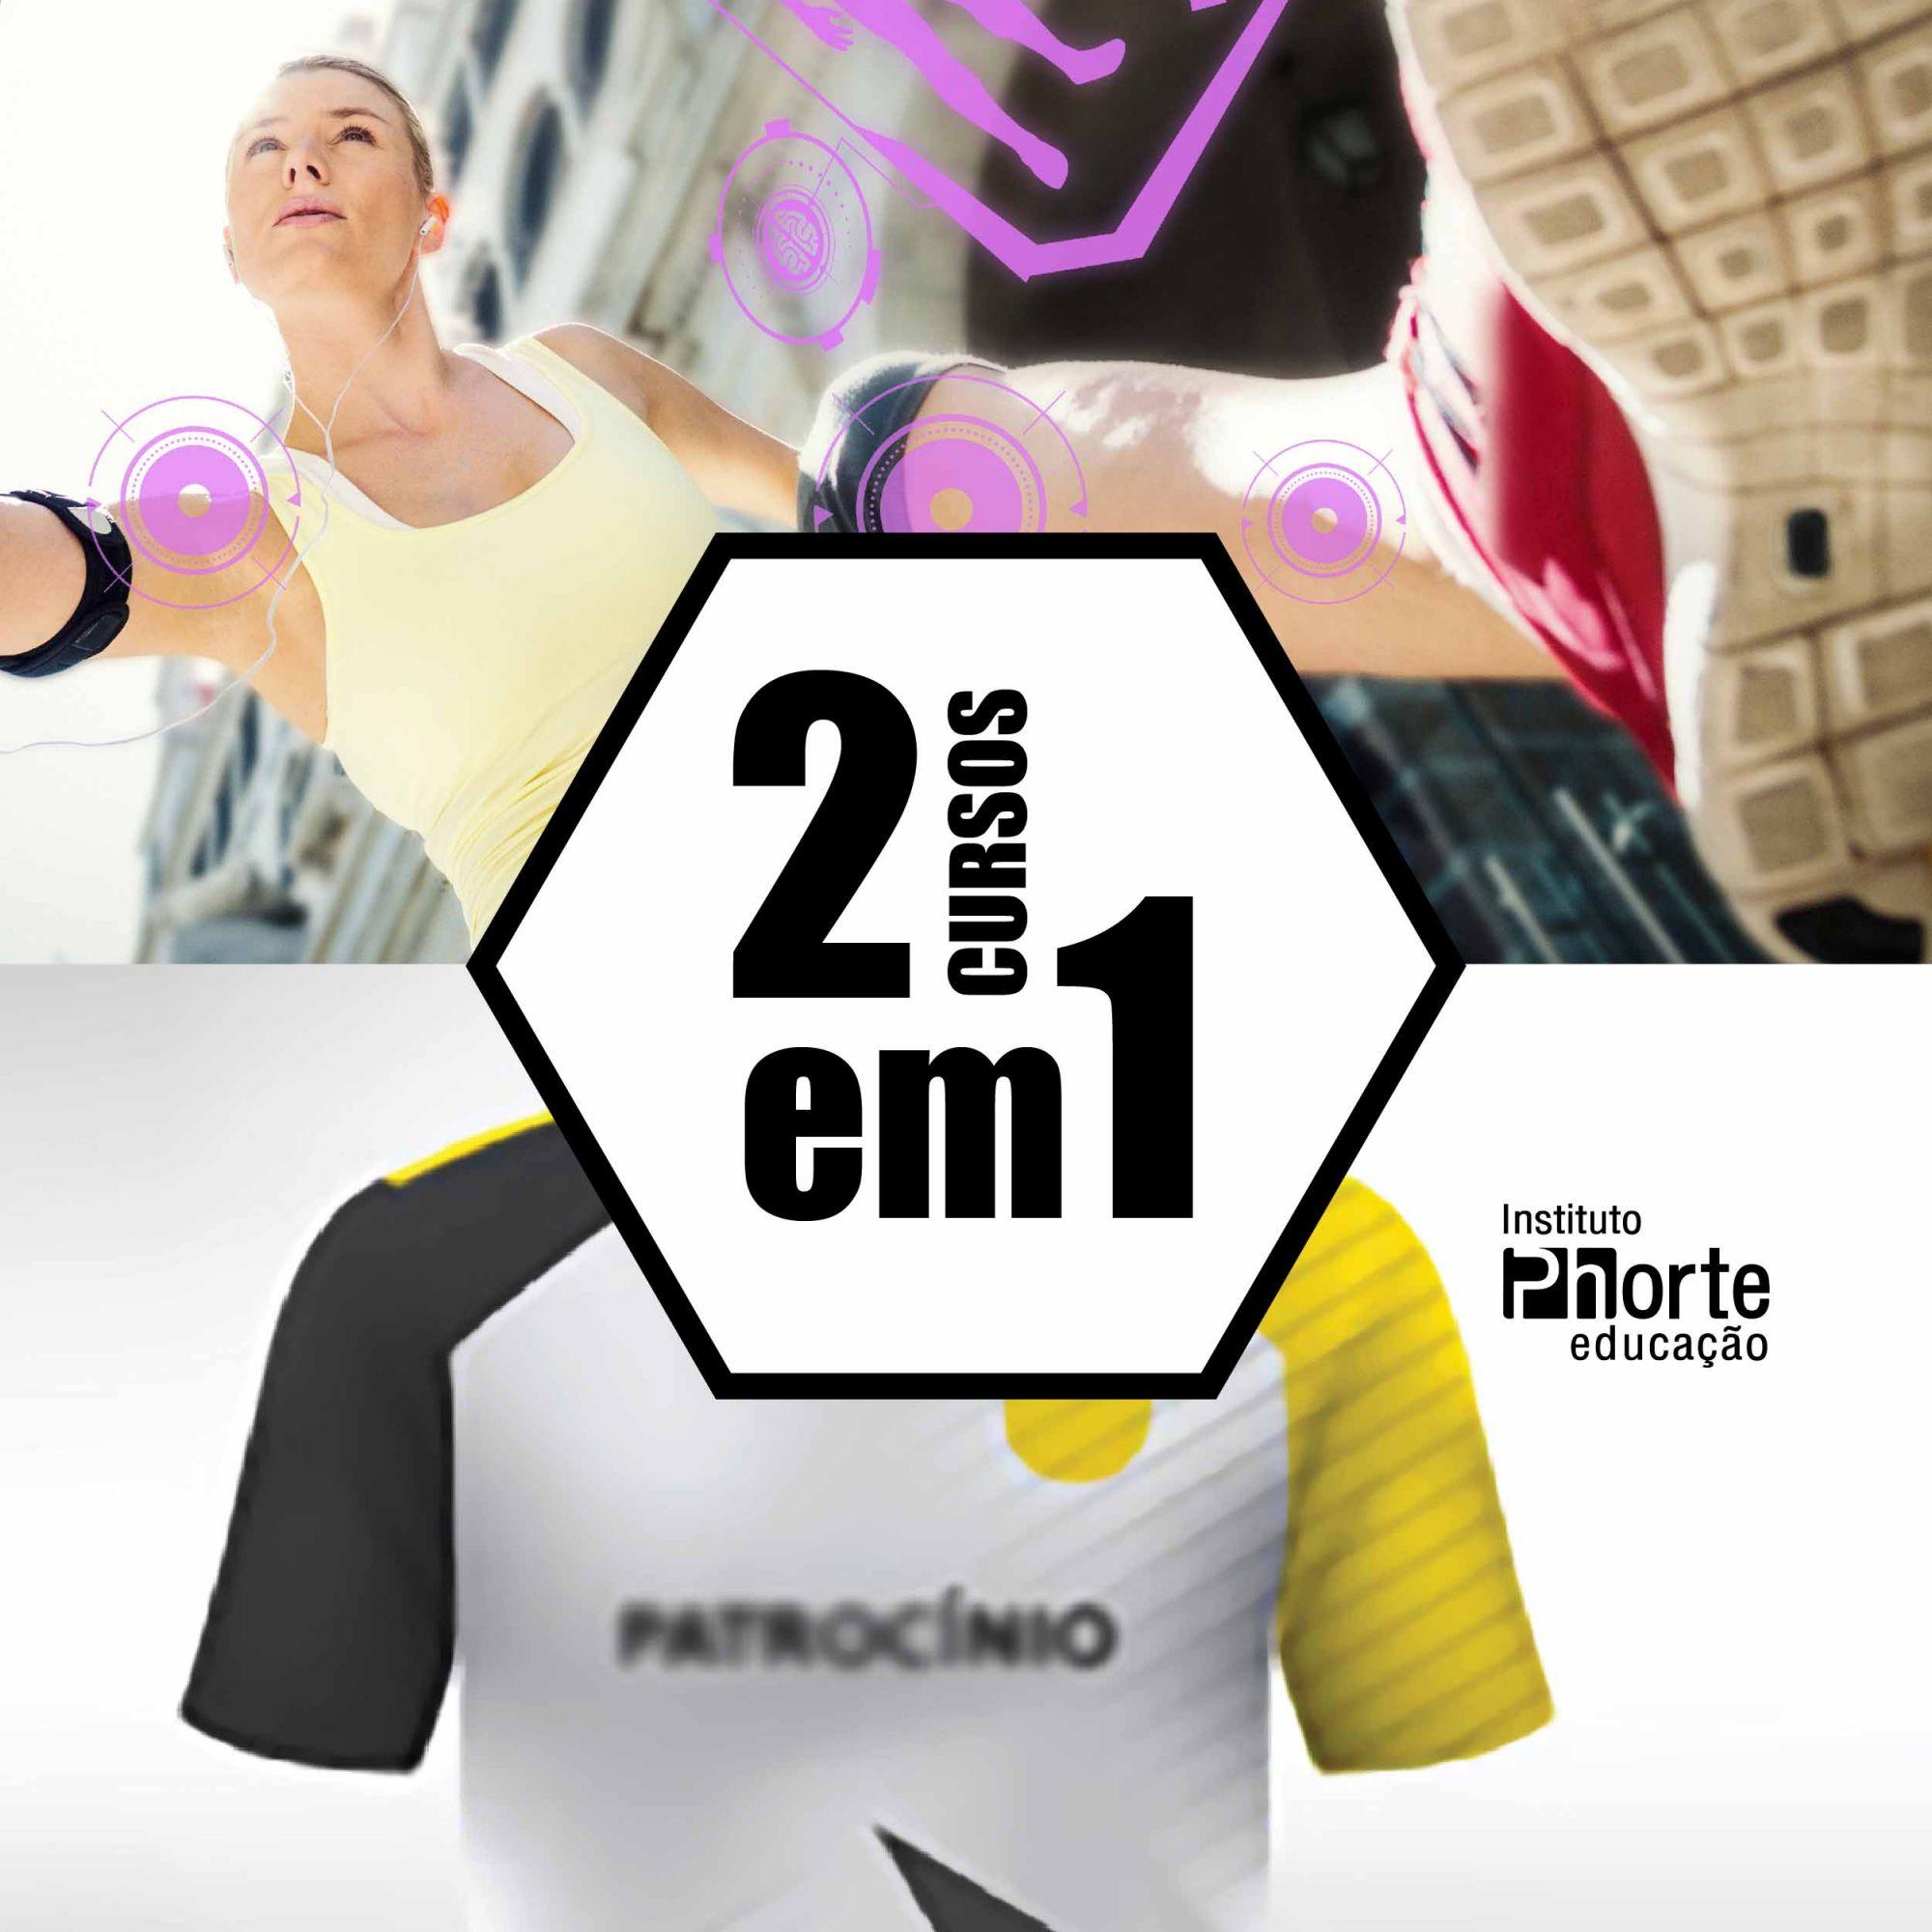 Combo corrida de rua 1  - Cursos distância e aulas online Instituto Phorte Educação.